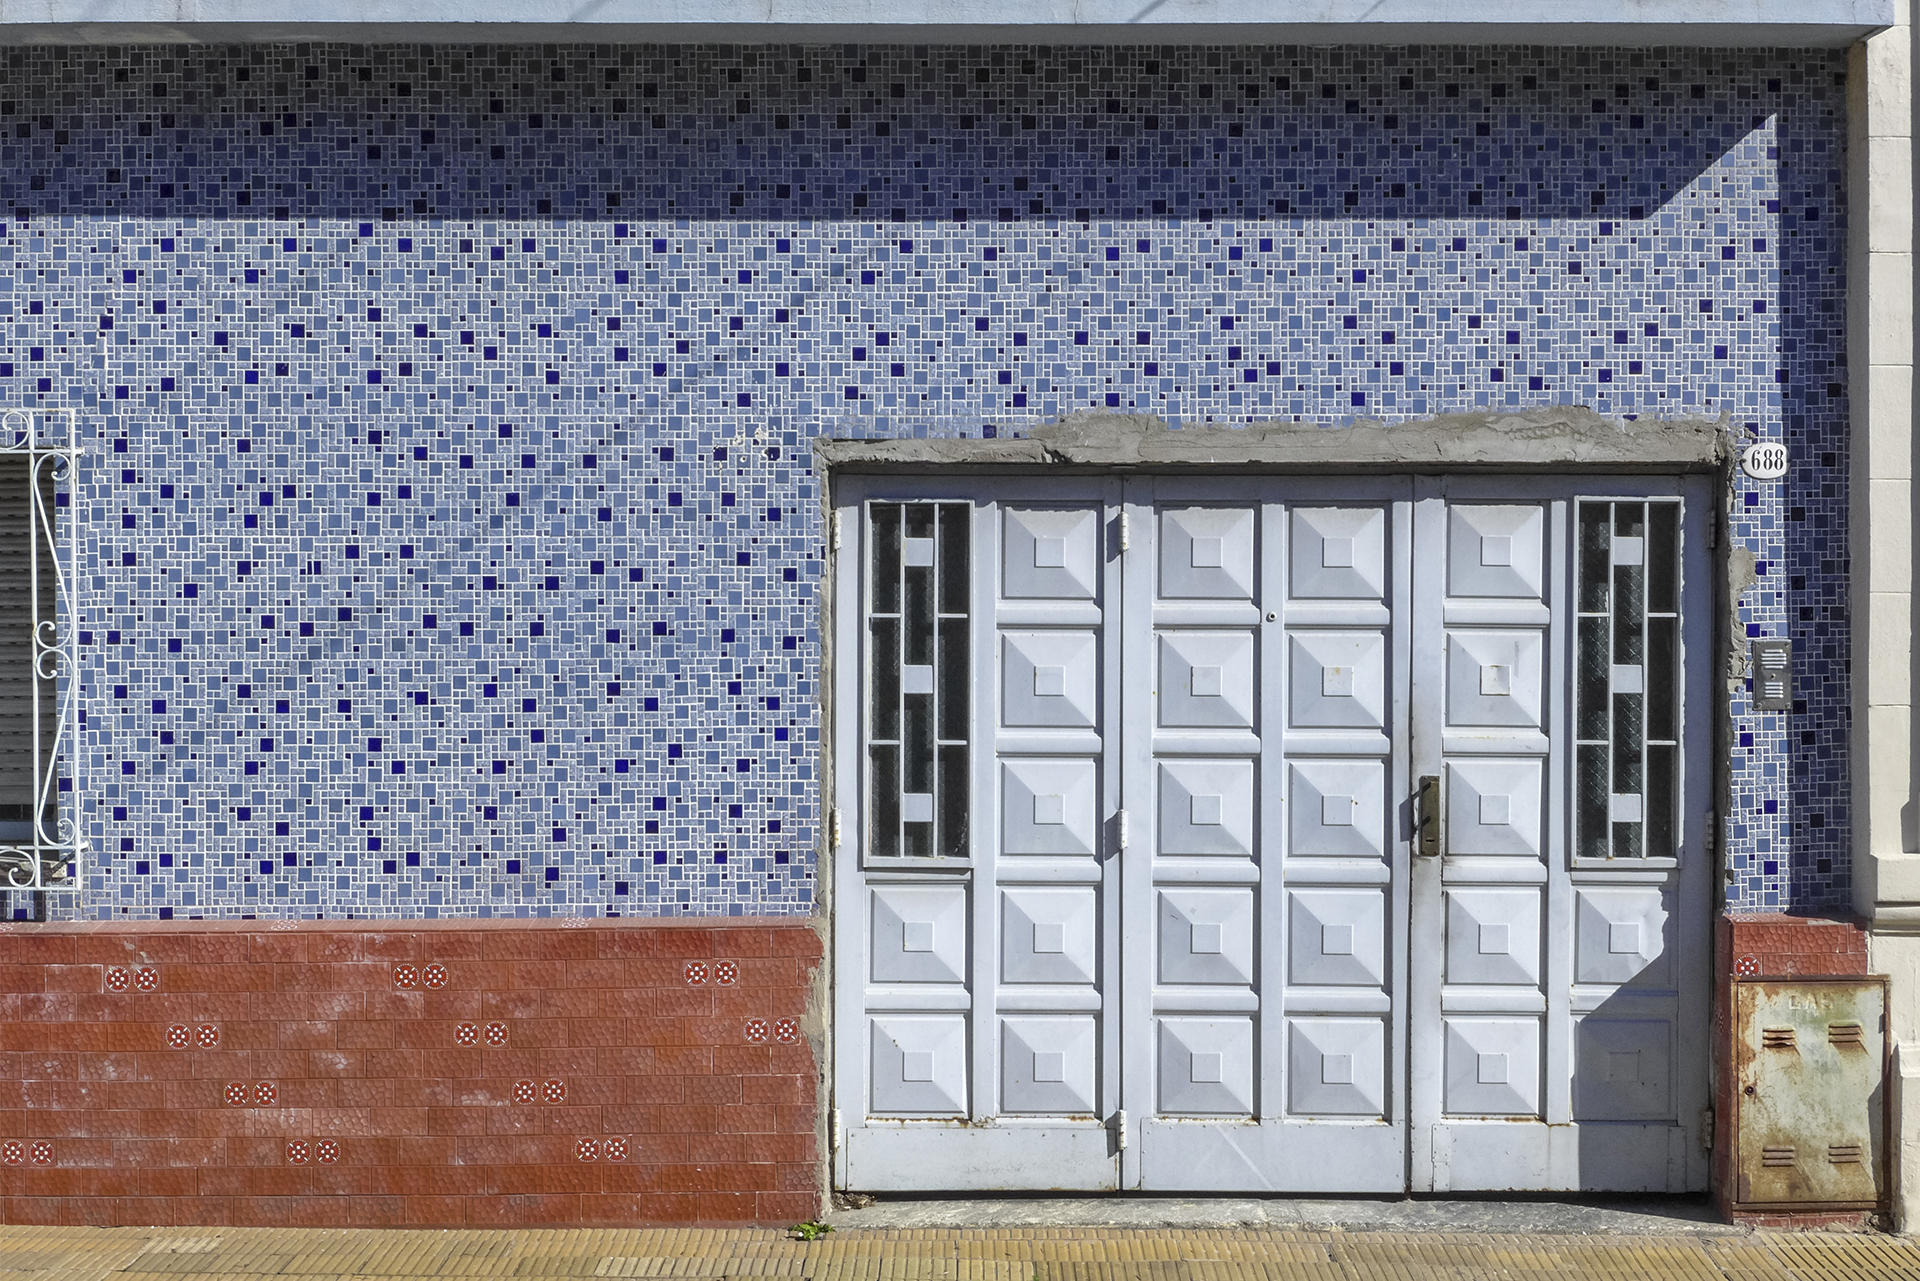 Frente con portón (Caballito, BA, 2018)